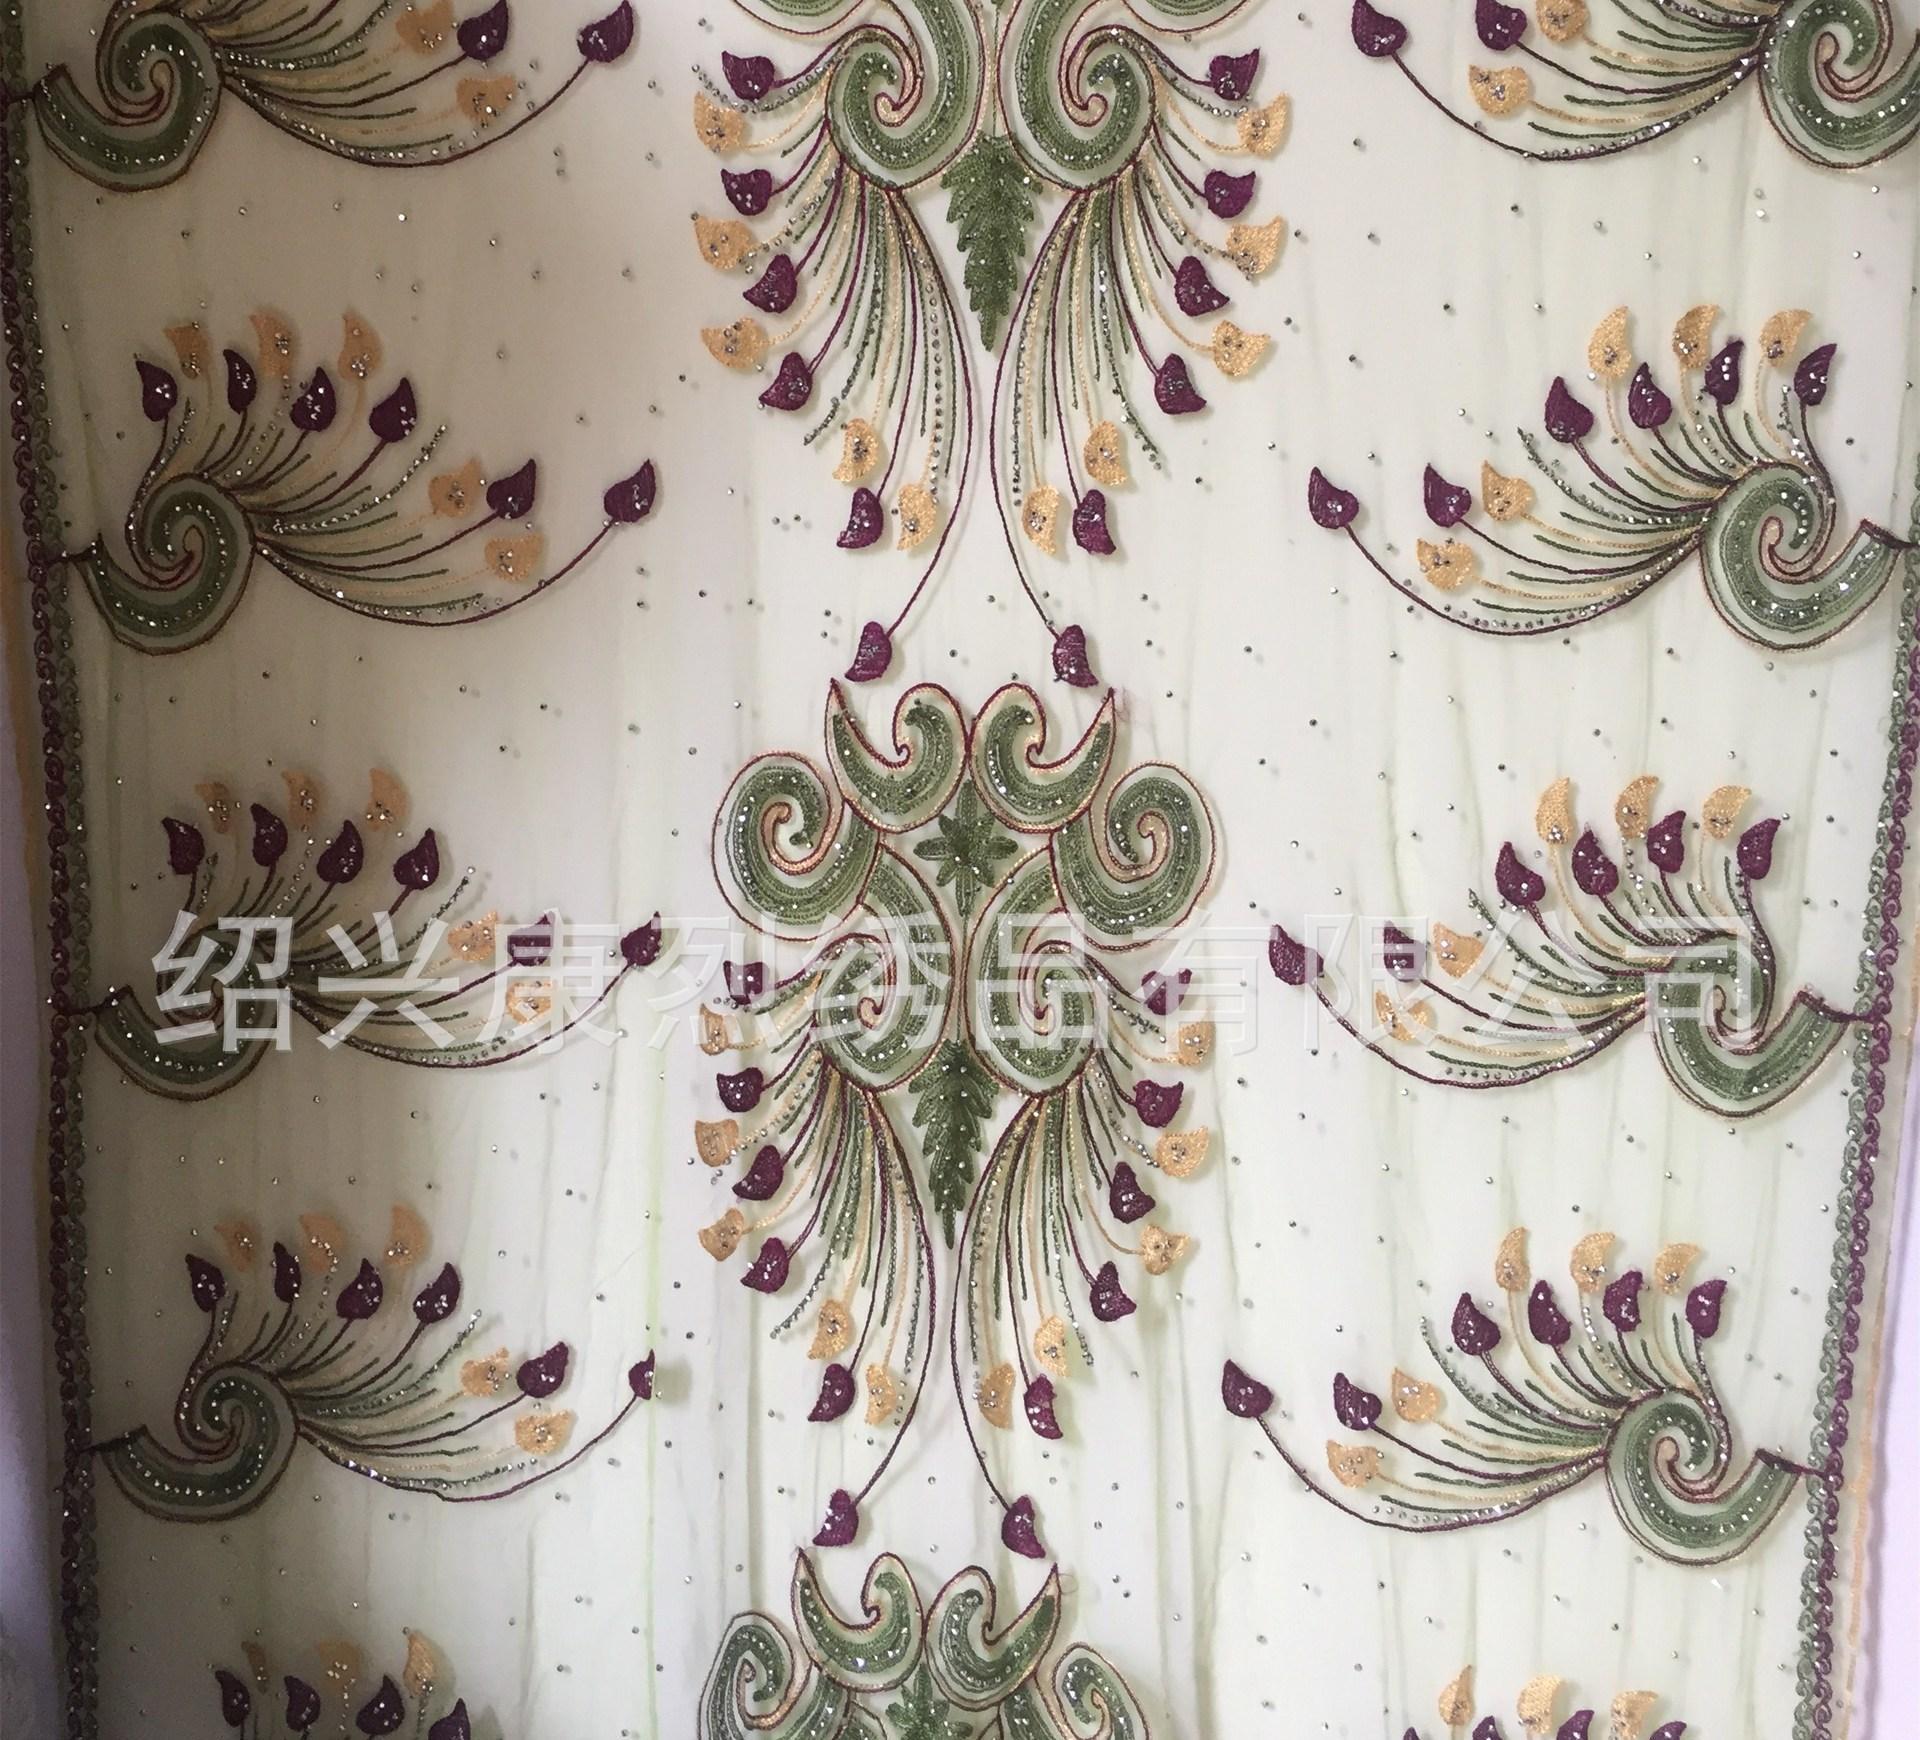 厂家直销 网布蝴蝶花服装链条绣花面料 用料毛线 欢迎来电联系